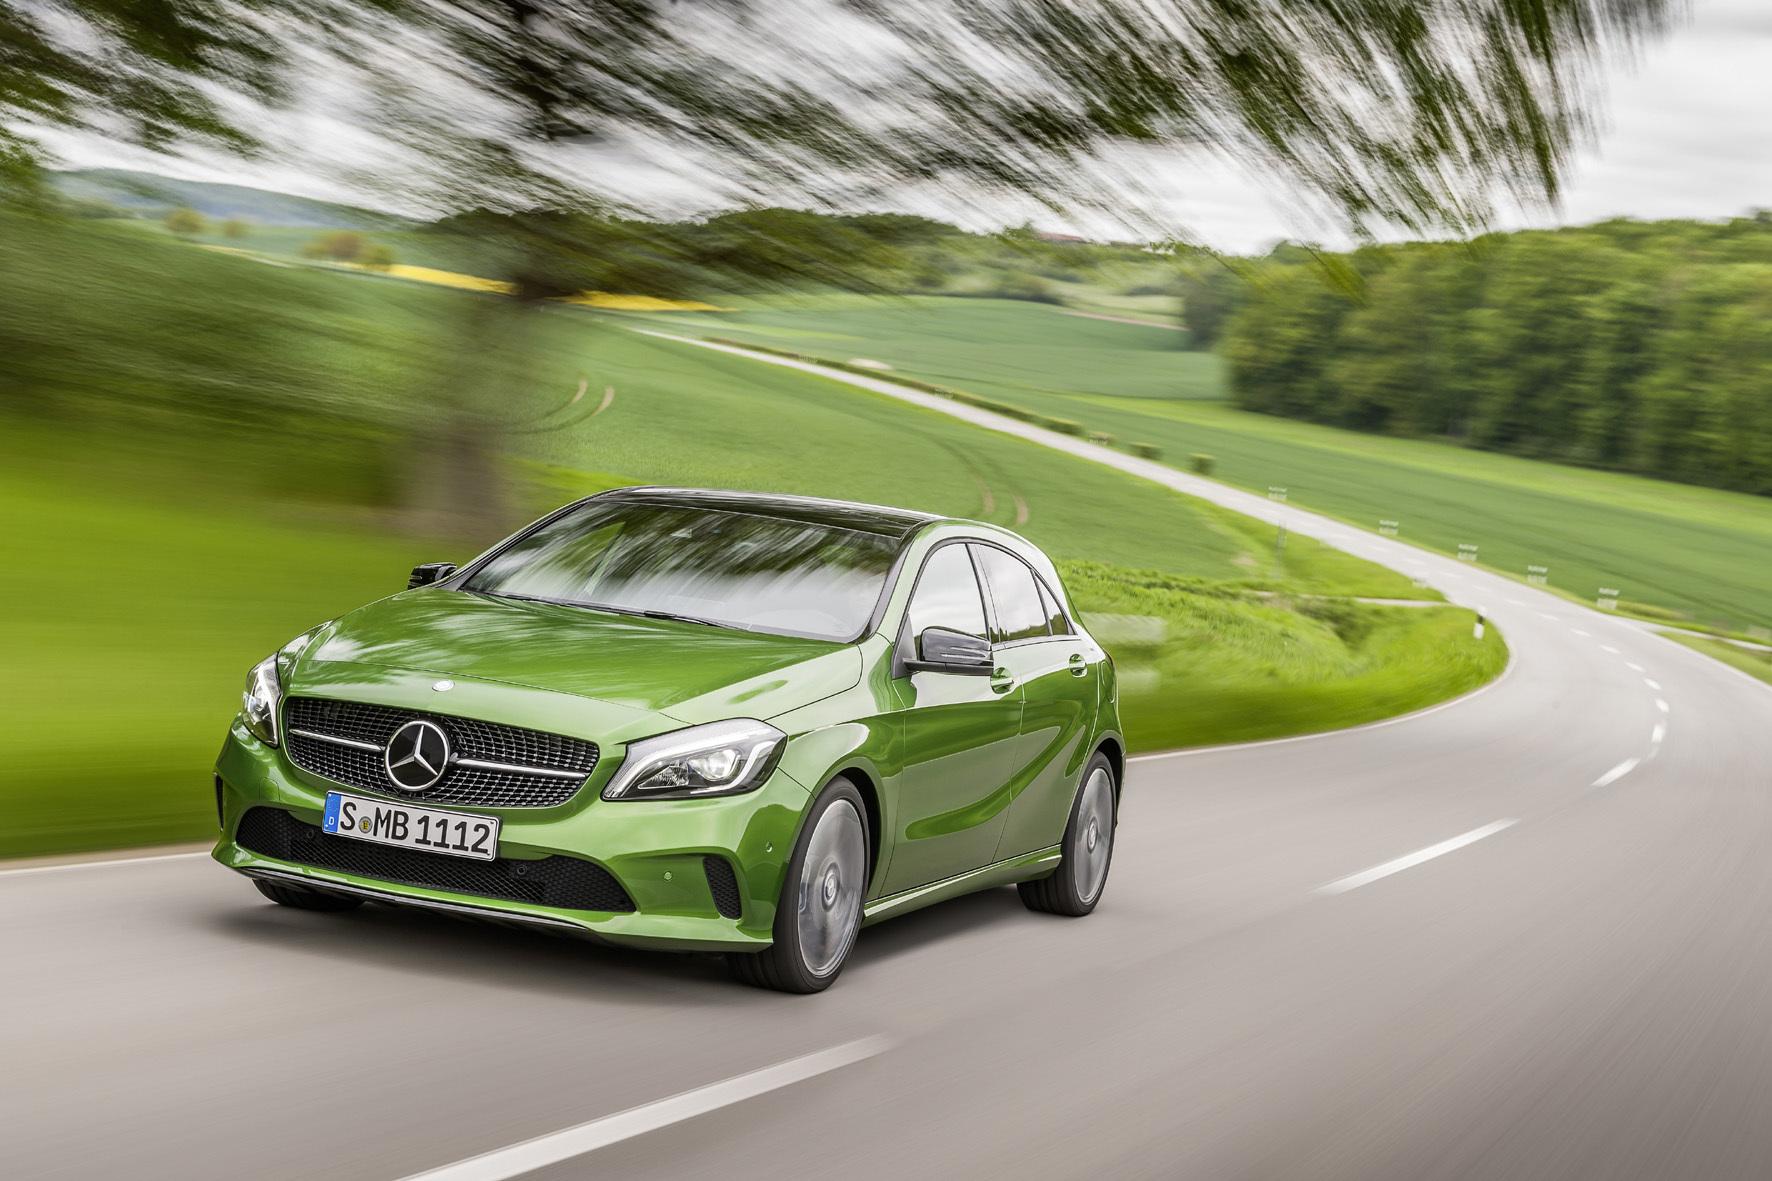 mid Düsseldorf - Alles im grünen Bereich: Dank einer Vielzahl modernere Assistenz-Systeme unterstützt die gerade überarbeitete Mercedes-Benz A-Klasse den Fahrer aktiv dabei, Unfälle zu vermeiden.